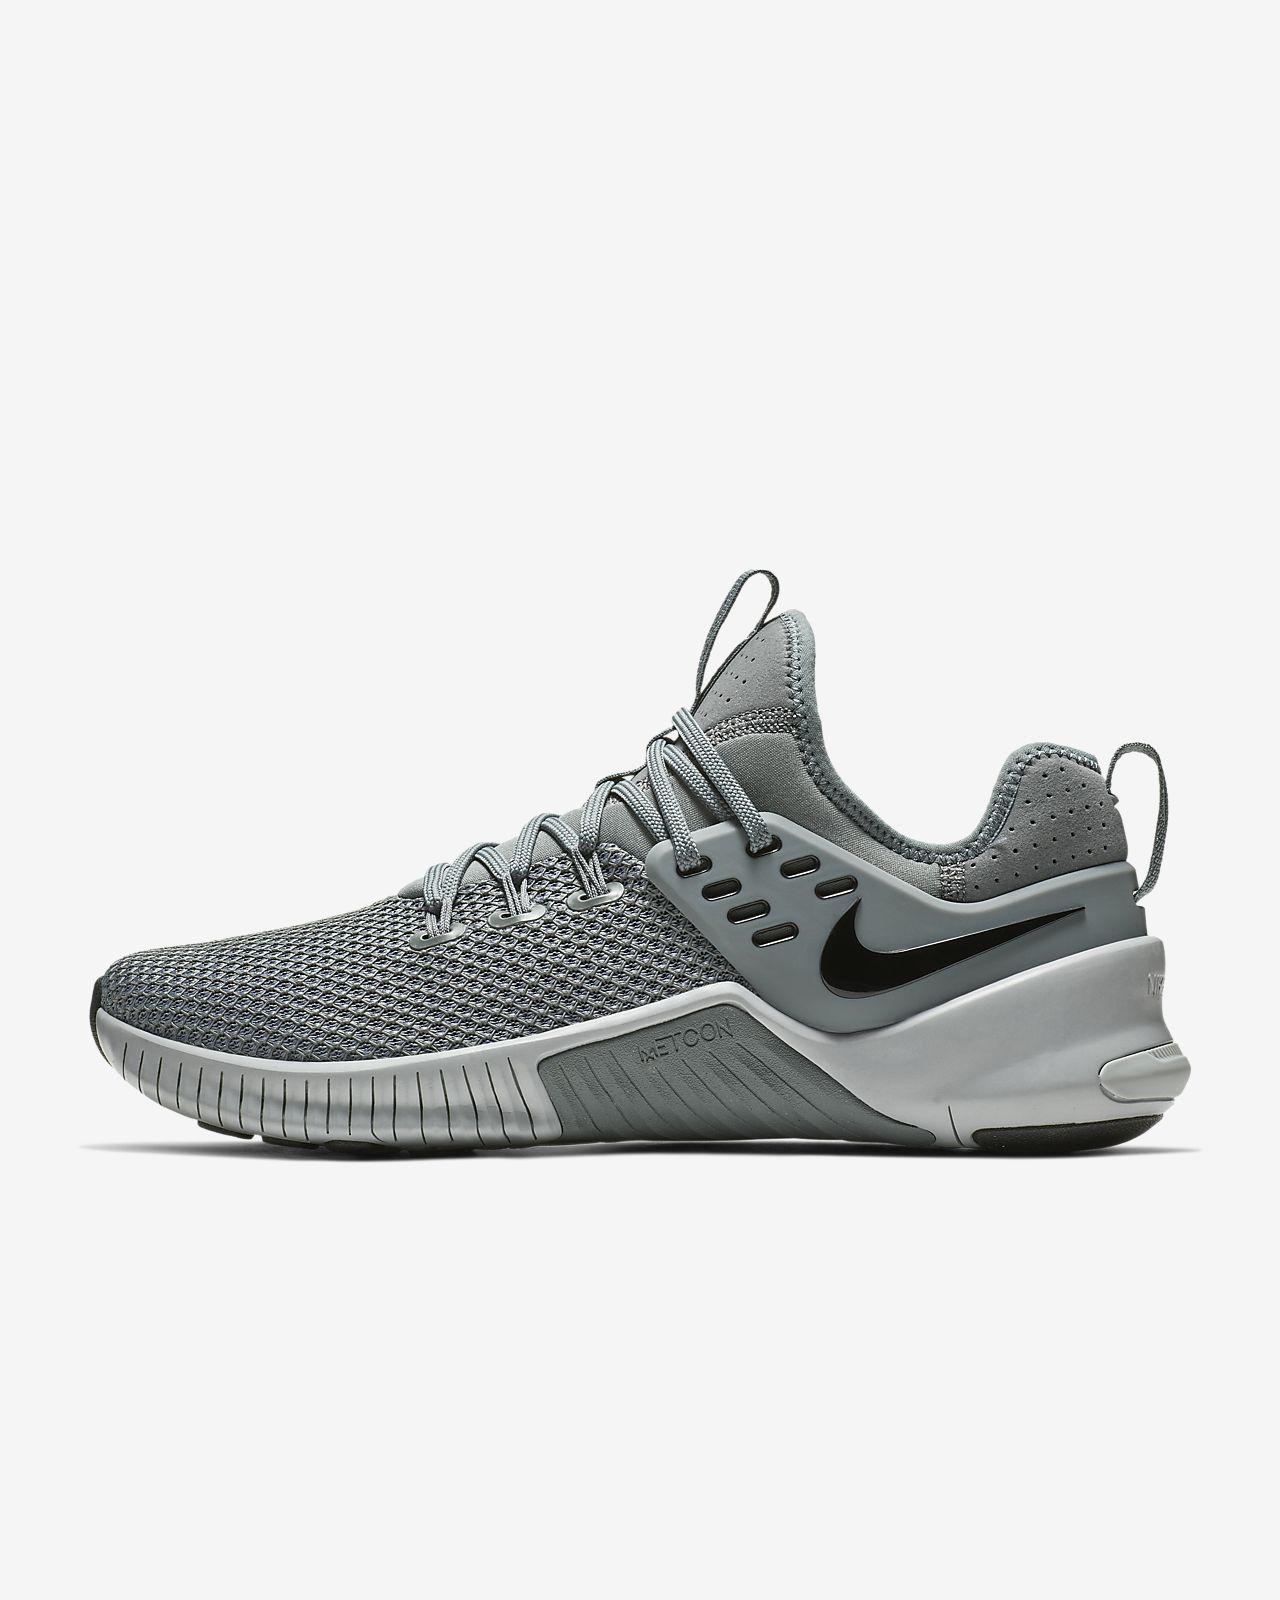 competitive price 51e64 d2923 ... Sko för crosstraining och tyngdlyftning Nike Free x Metcon